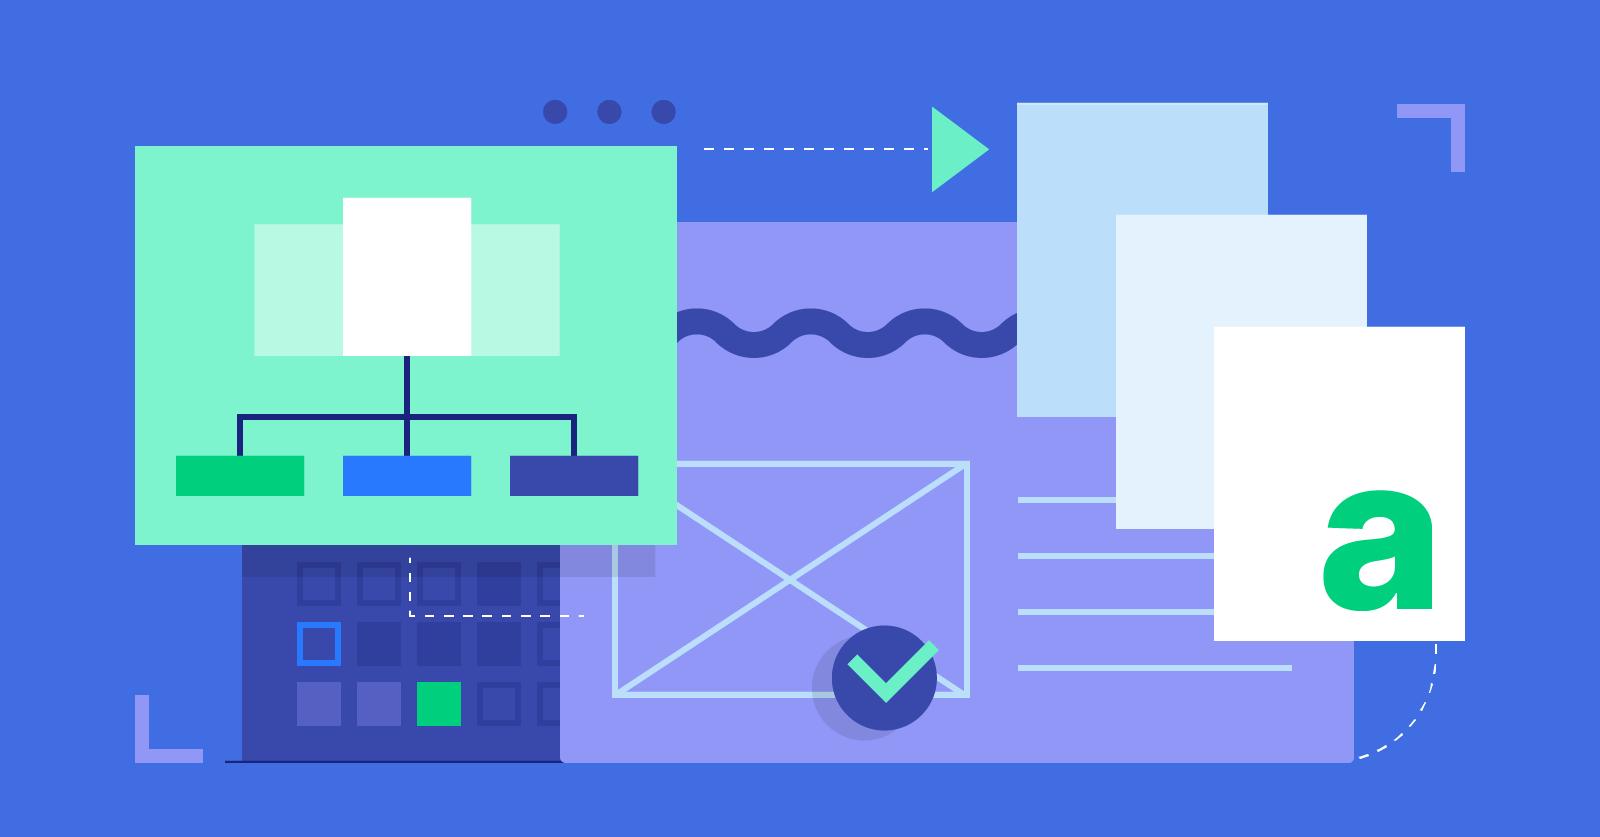 Comment faire évoluer la création de contenu [New Step-By-Step Guide]